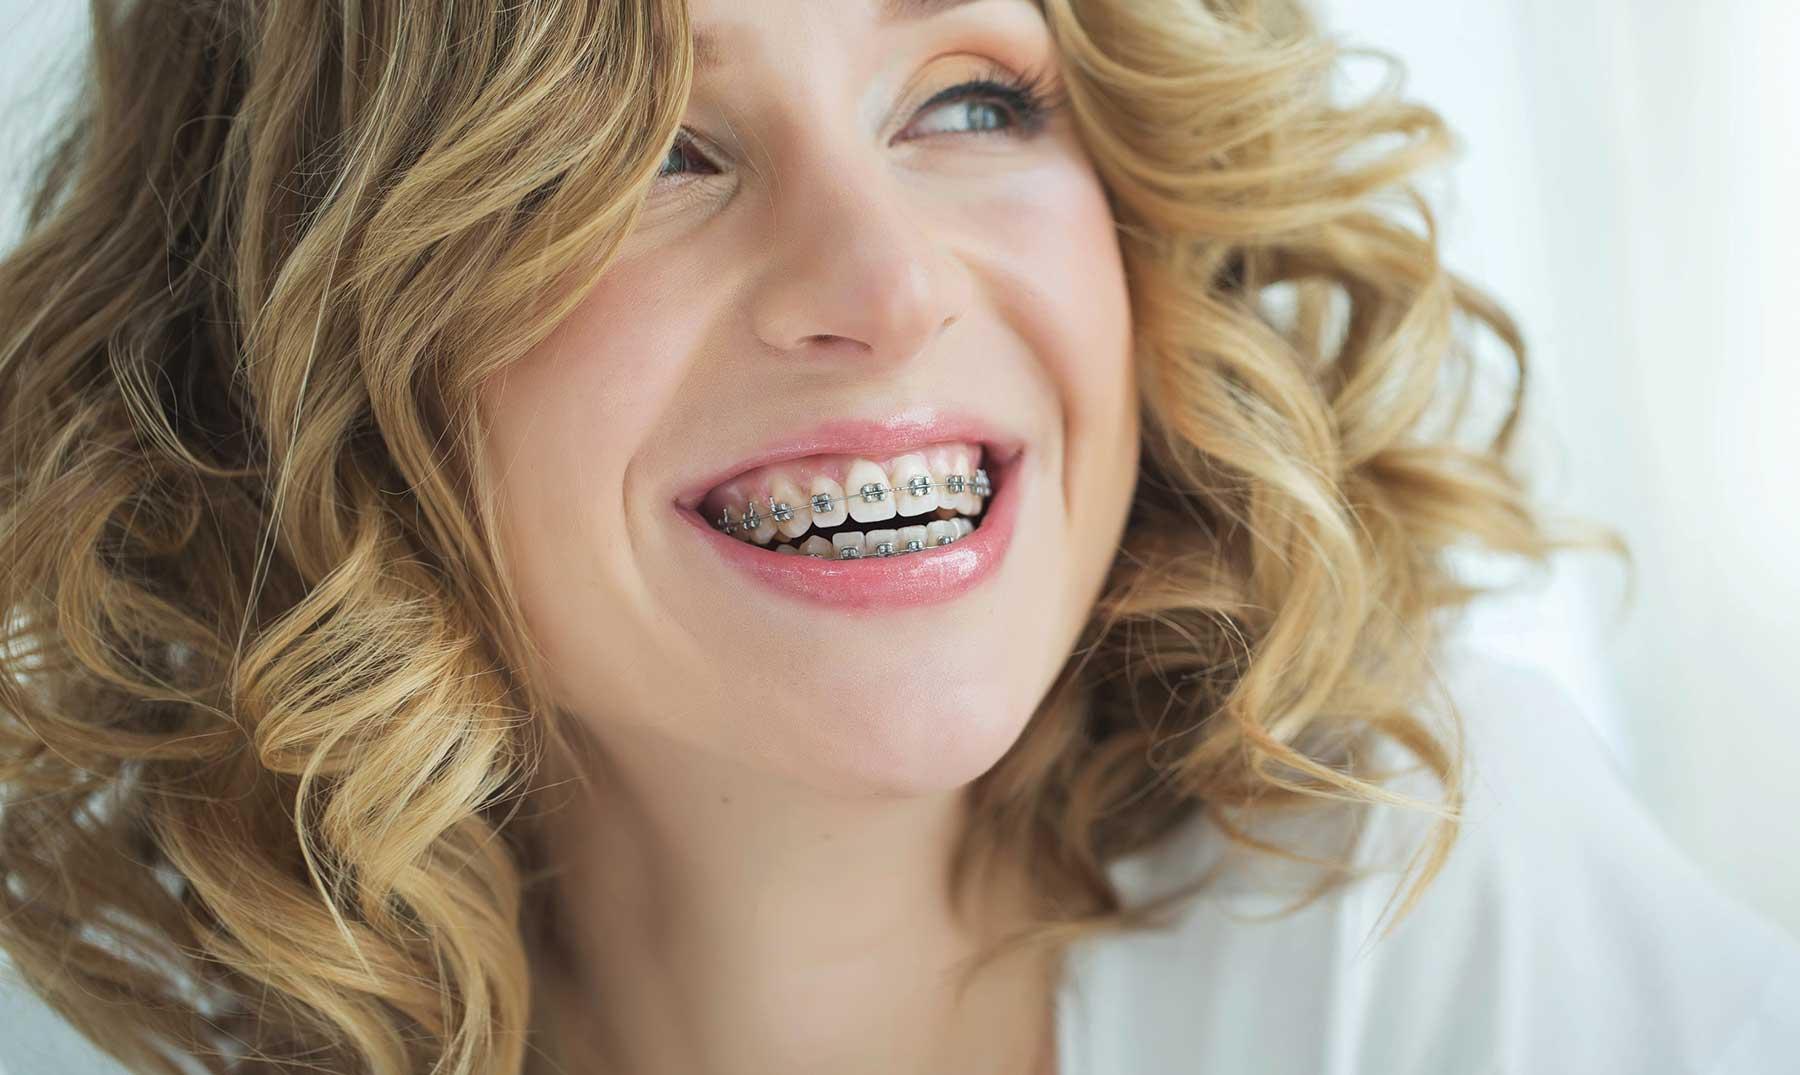 ¿Es compatible usar ortodoncia durante el embarazo?